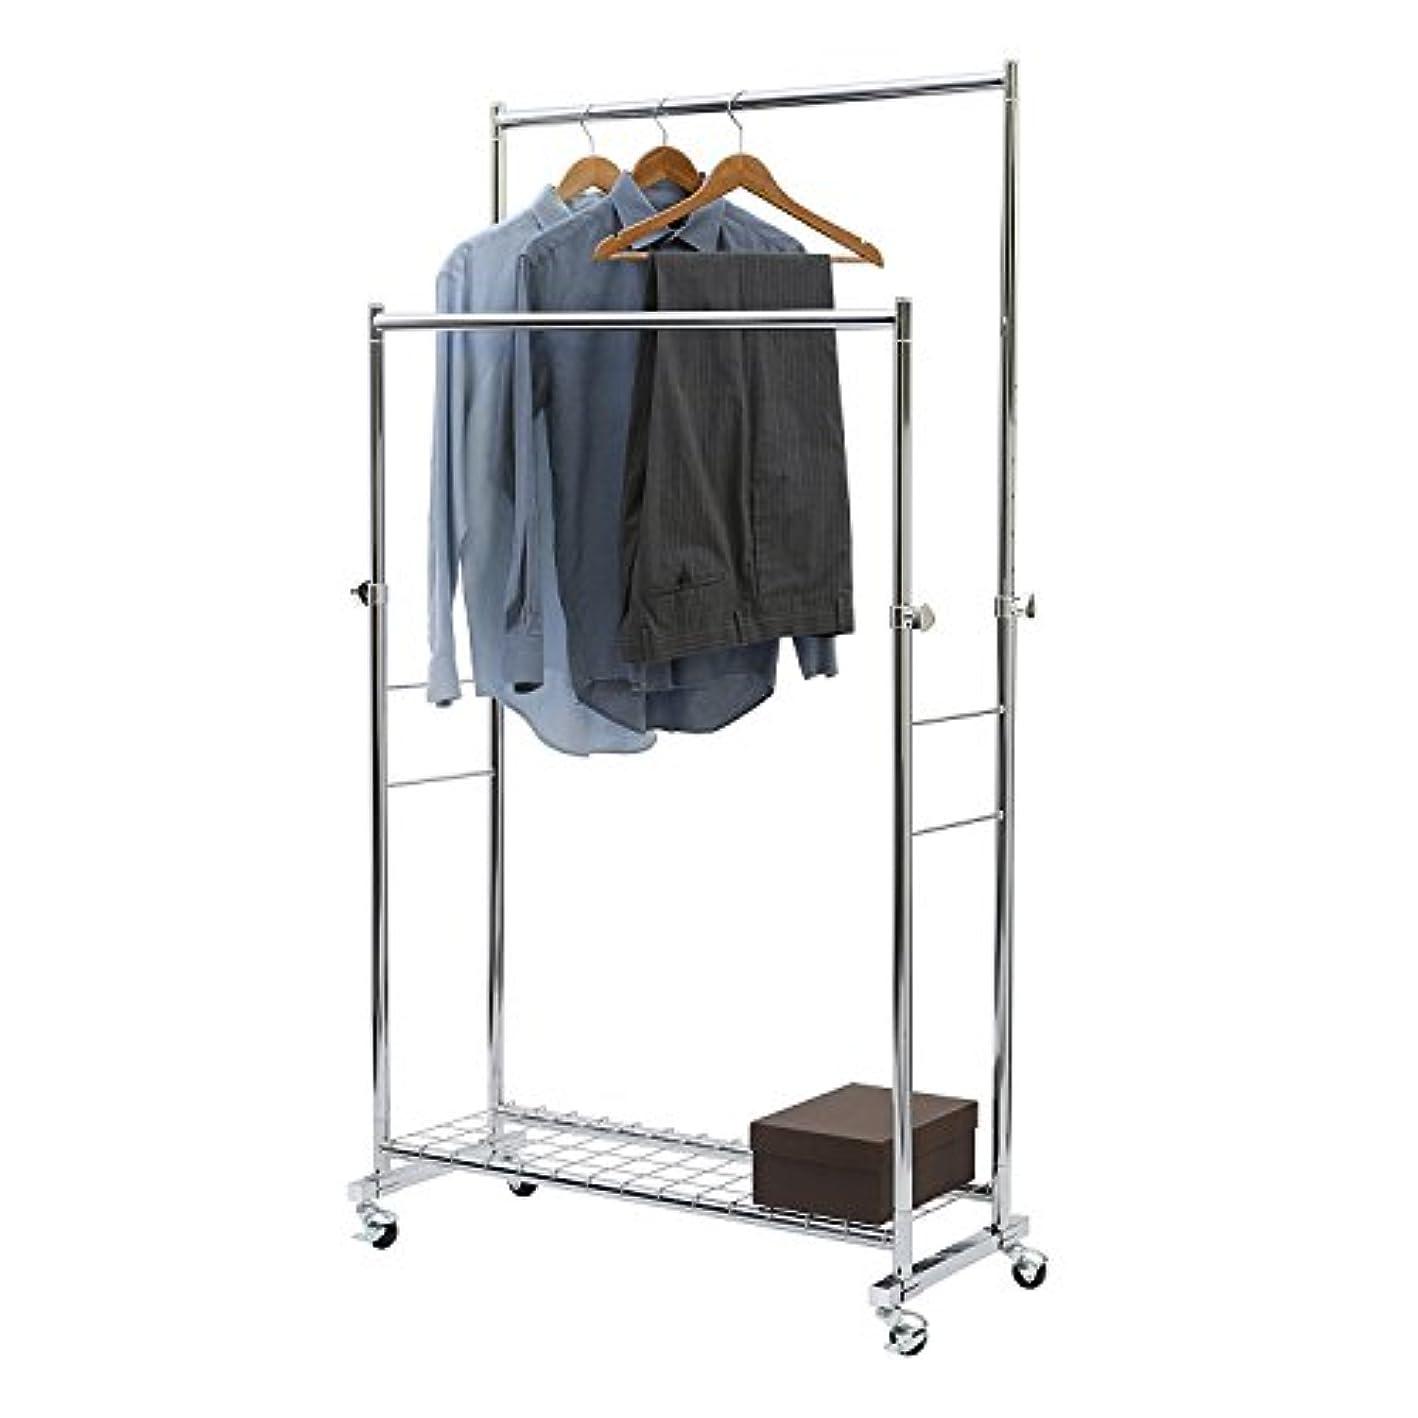 Seville Classics Commercial Double Rod Garment Rack